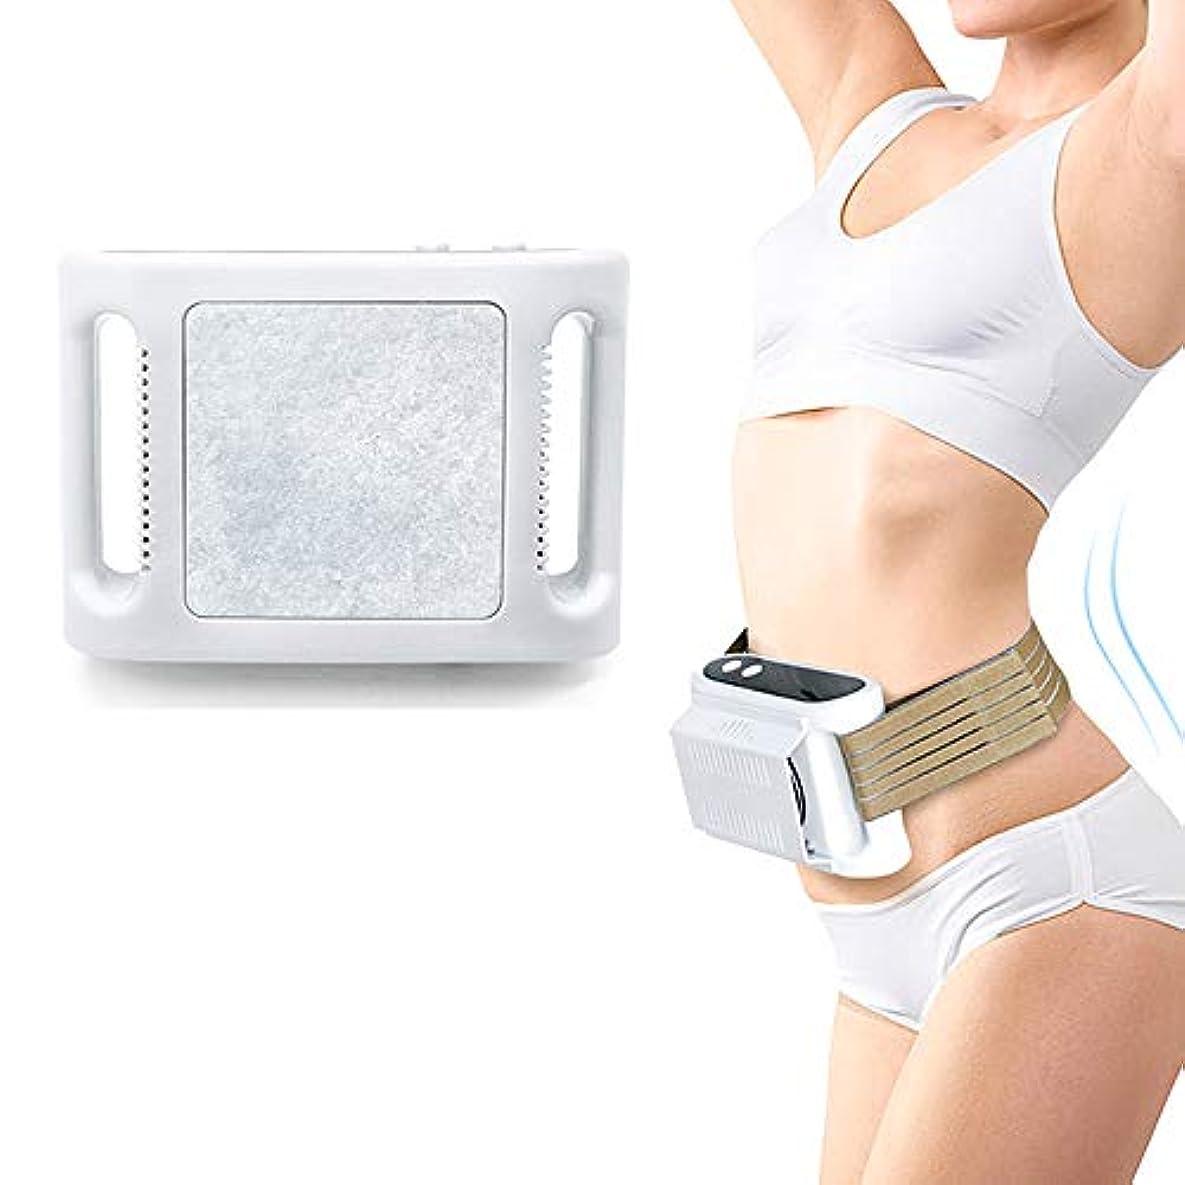 共感するレンディション高度な凍結脂肪除去器具腰トレーナー減量多機能ボディ整形マッサージ女性男性のための美容機器